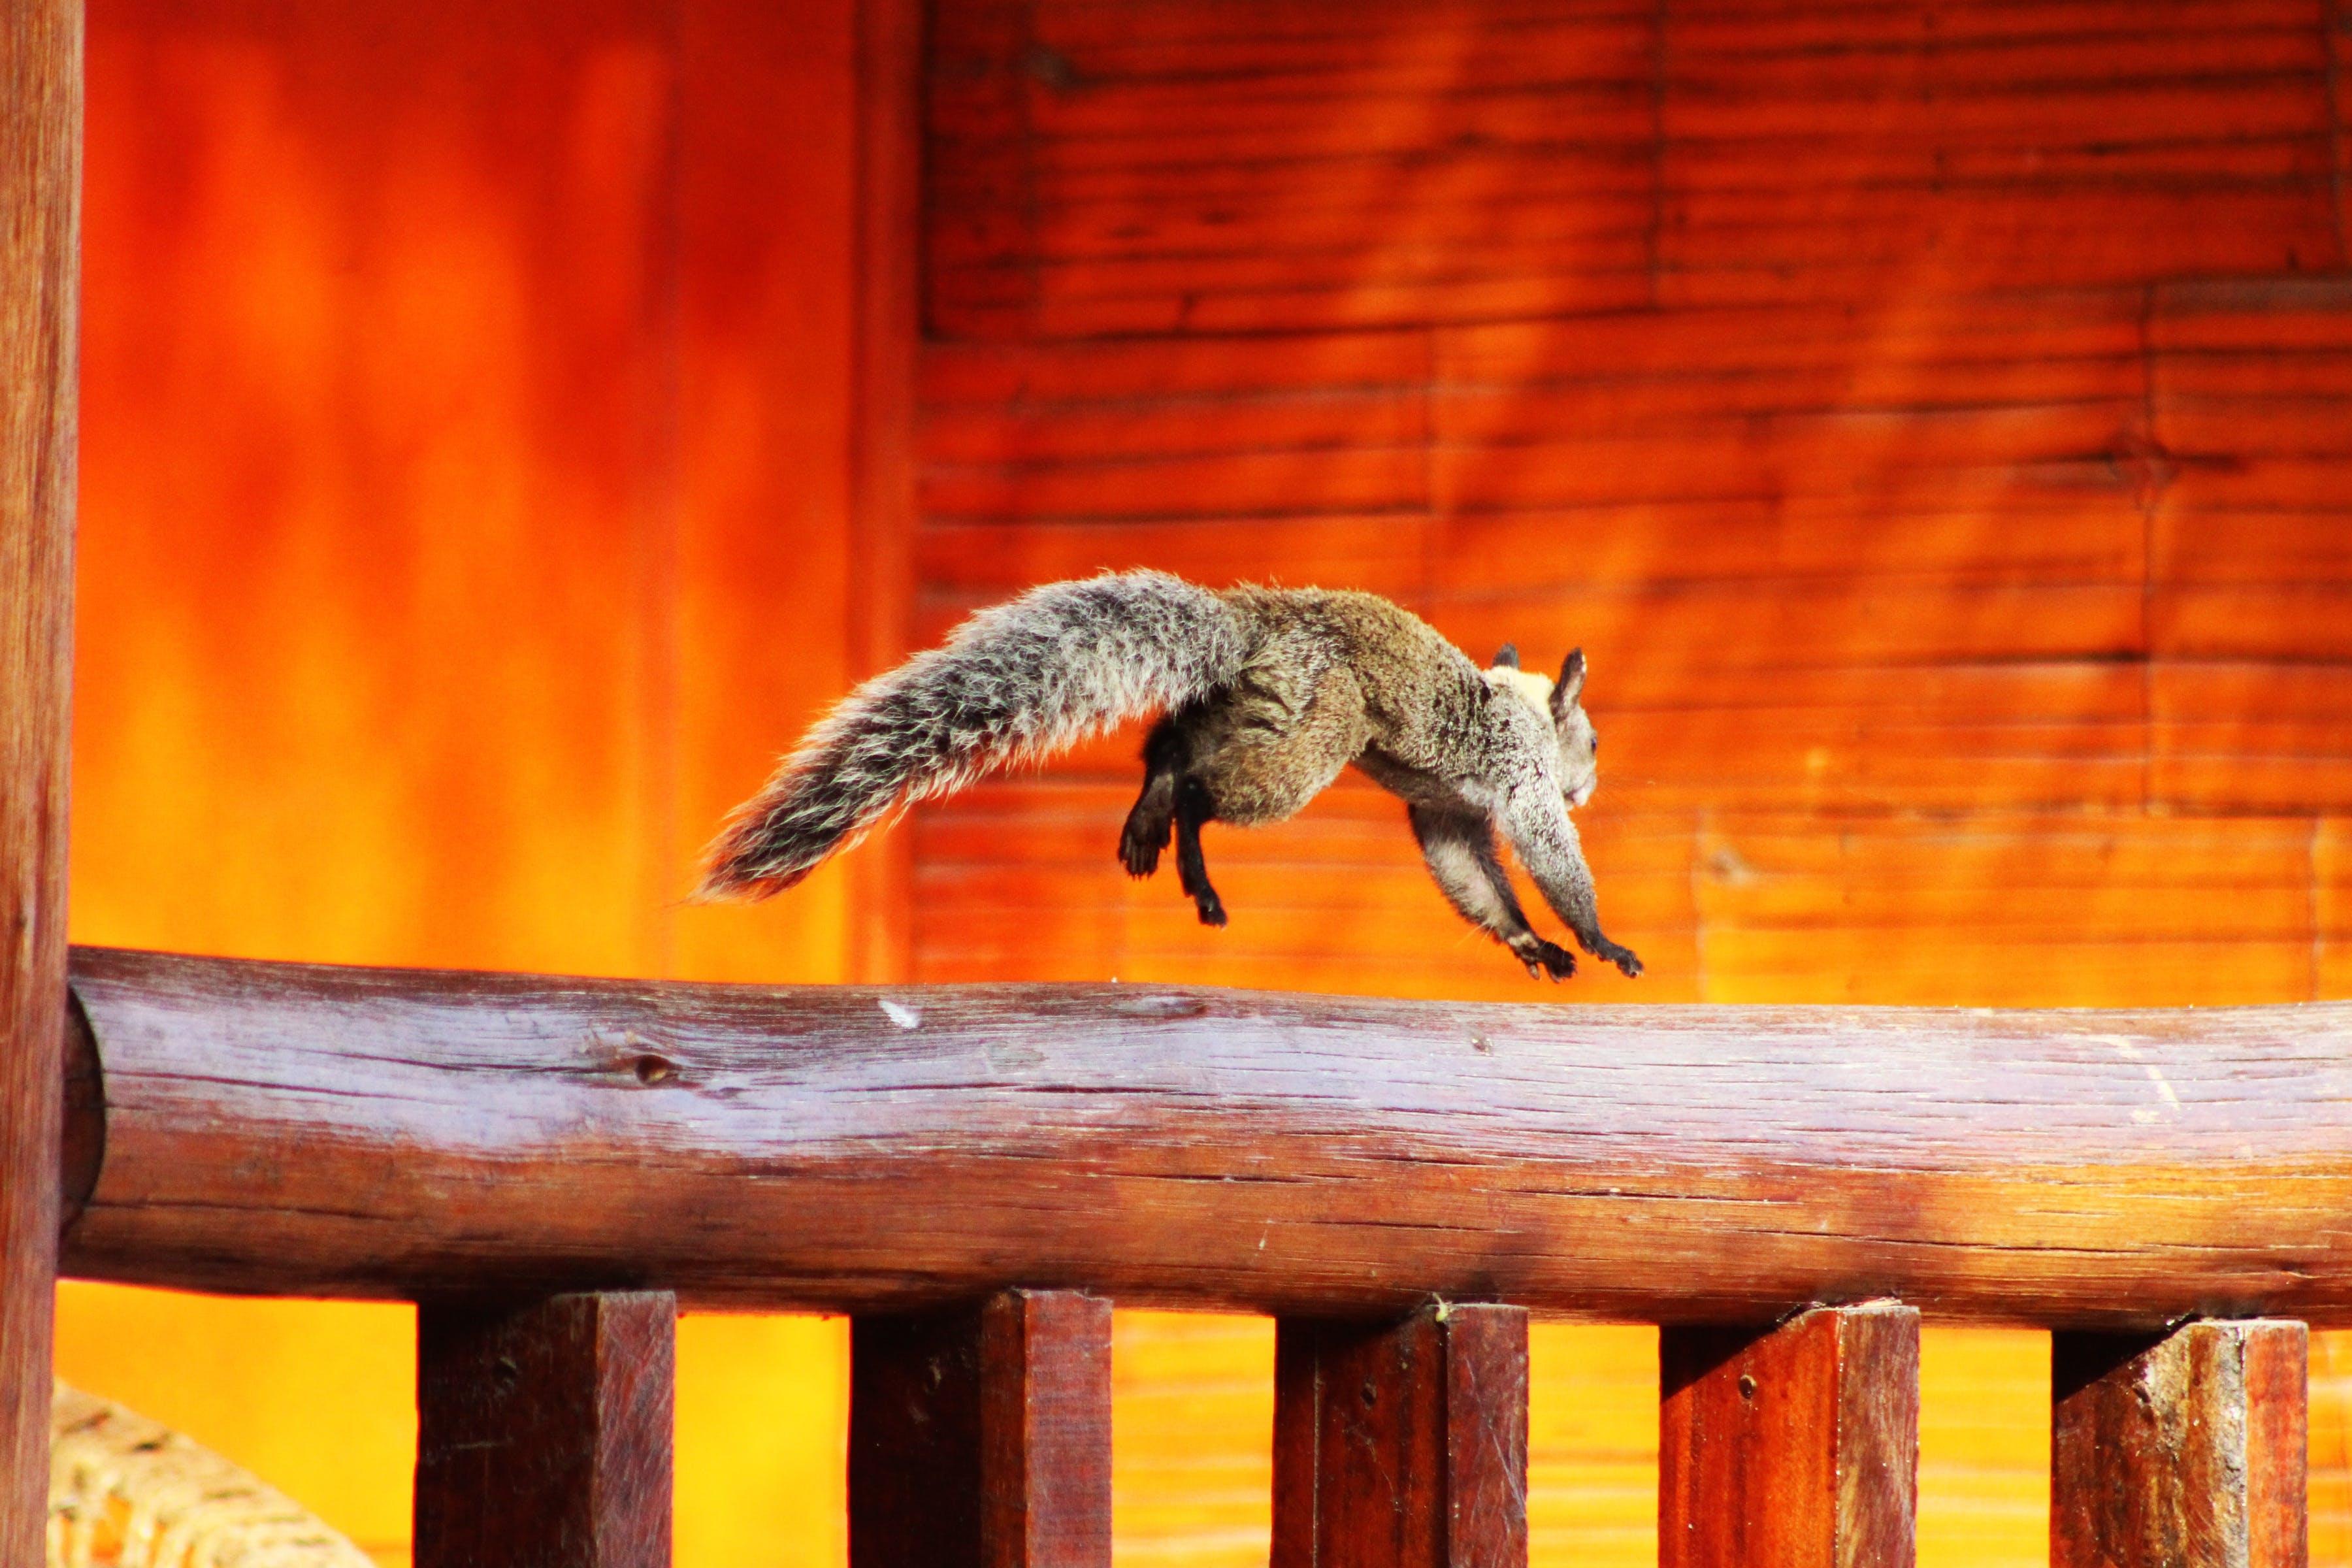 Kostenloses Stock Foto zu bewegung, eichhörnchen, fokus, holz